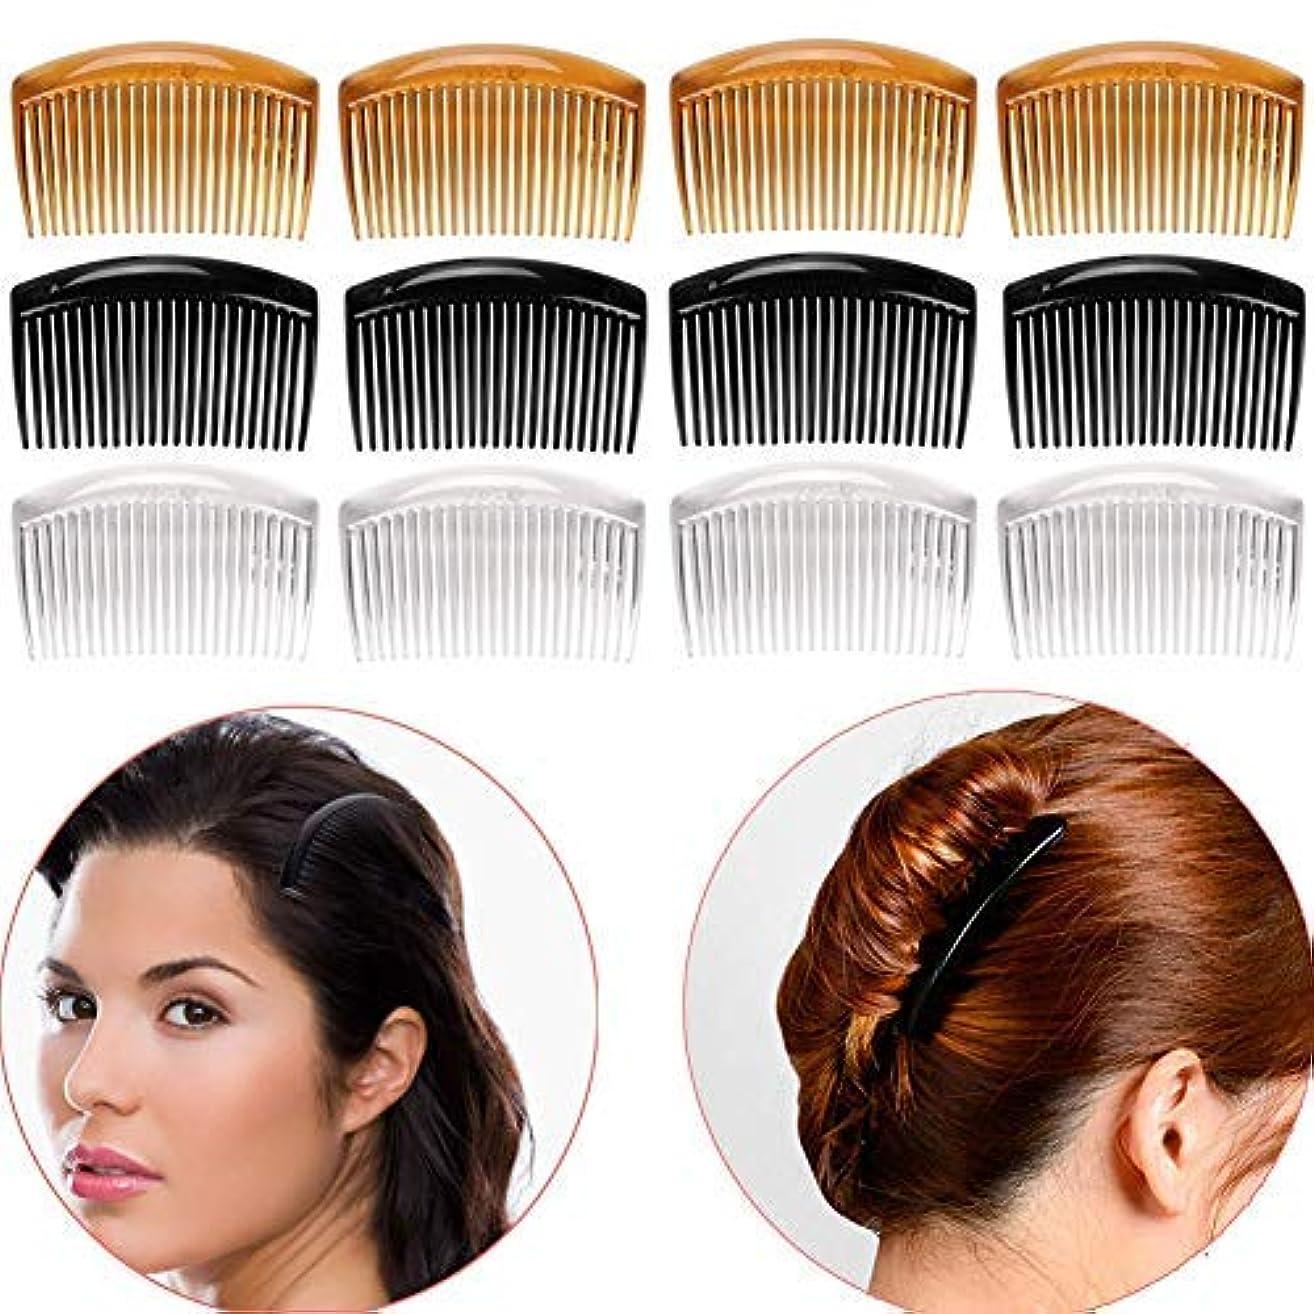 着飾る事実上本質的ではないLuckycivia 12Pcs French Twist Comb, Plastic Side Hair Combs with 23 Teeth, Strong Hold No Slip Grip and Durable...